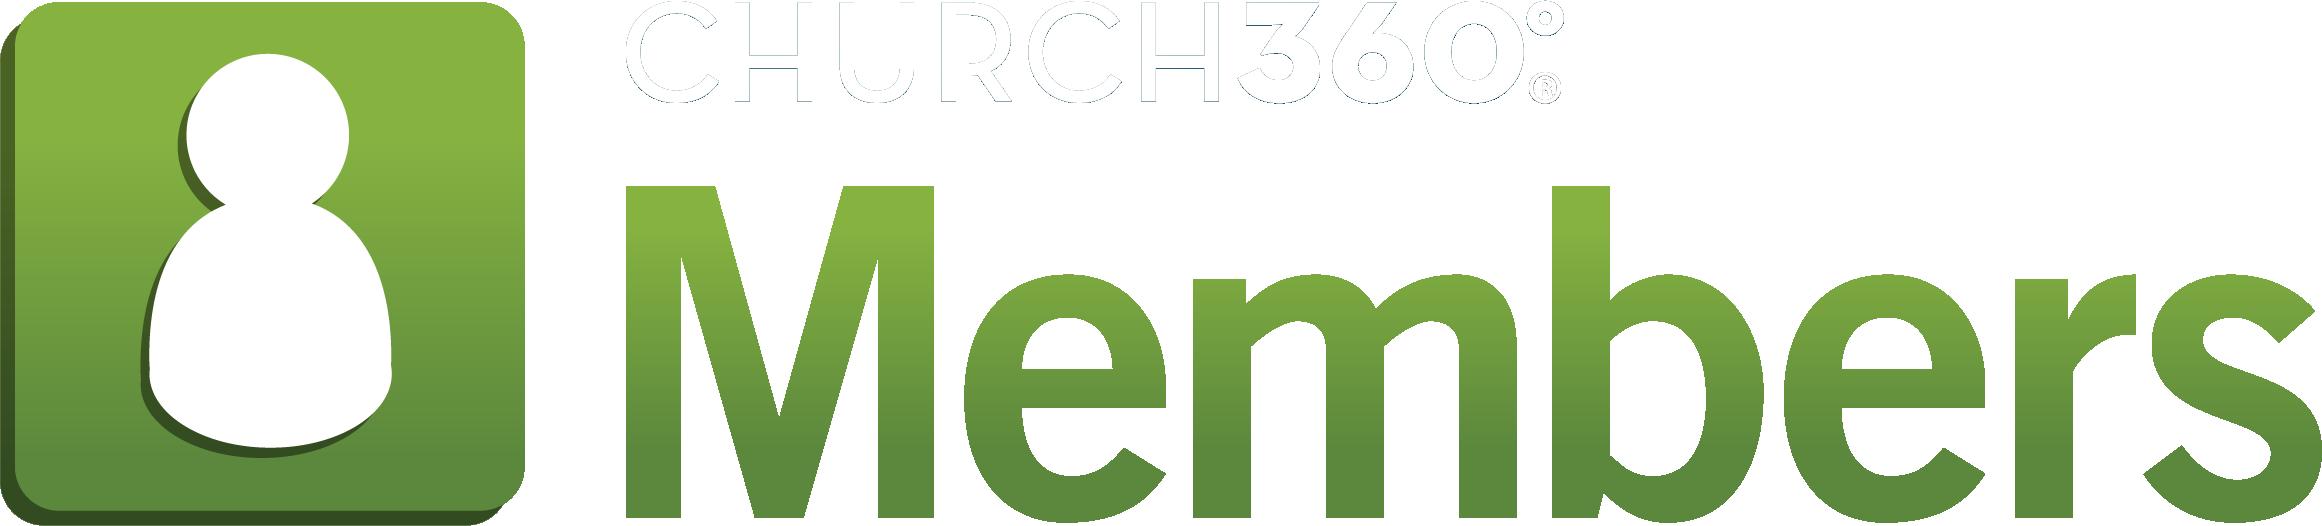 Church360 Members logo